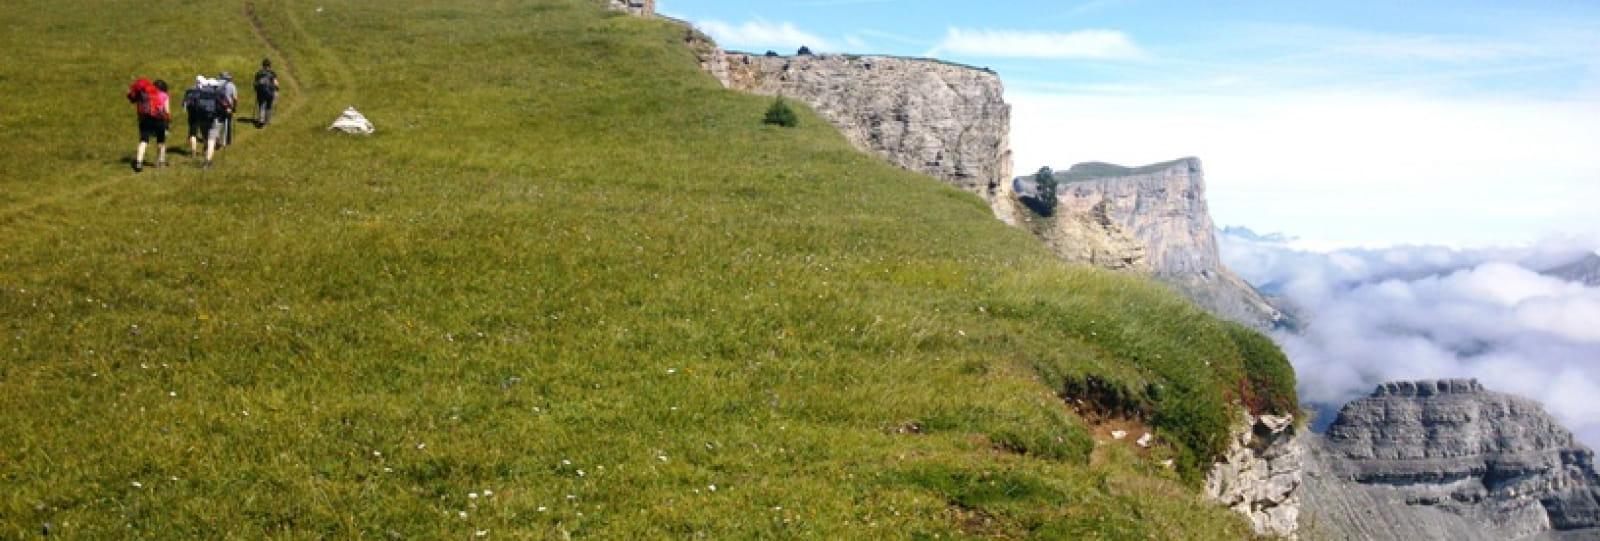 Rando accompagnées dans le sud Vercors pour un séjour 100% nature dans le Diois